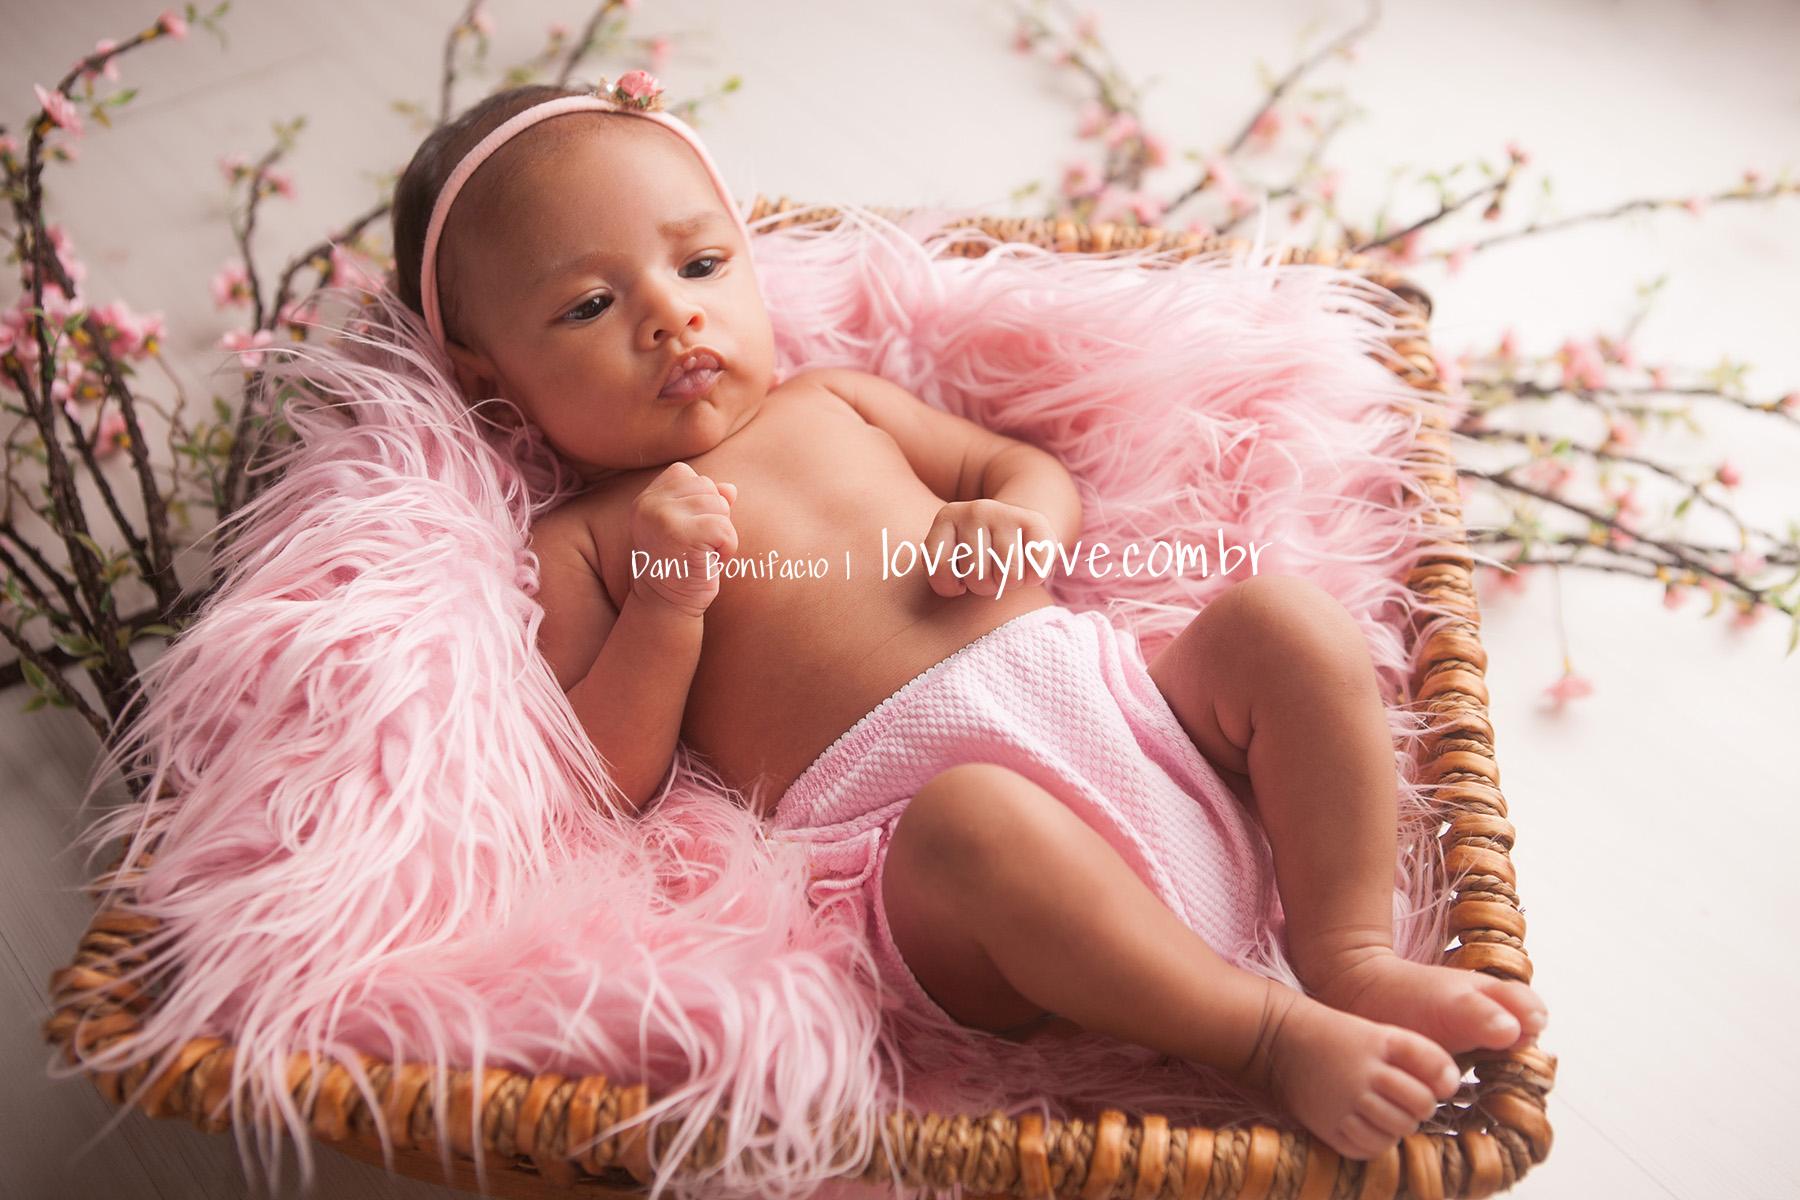 danibonifacio-lovelylove-acompanhamentobebe-fotografa-gravida-gestante-newborn5